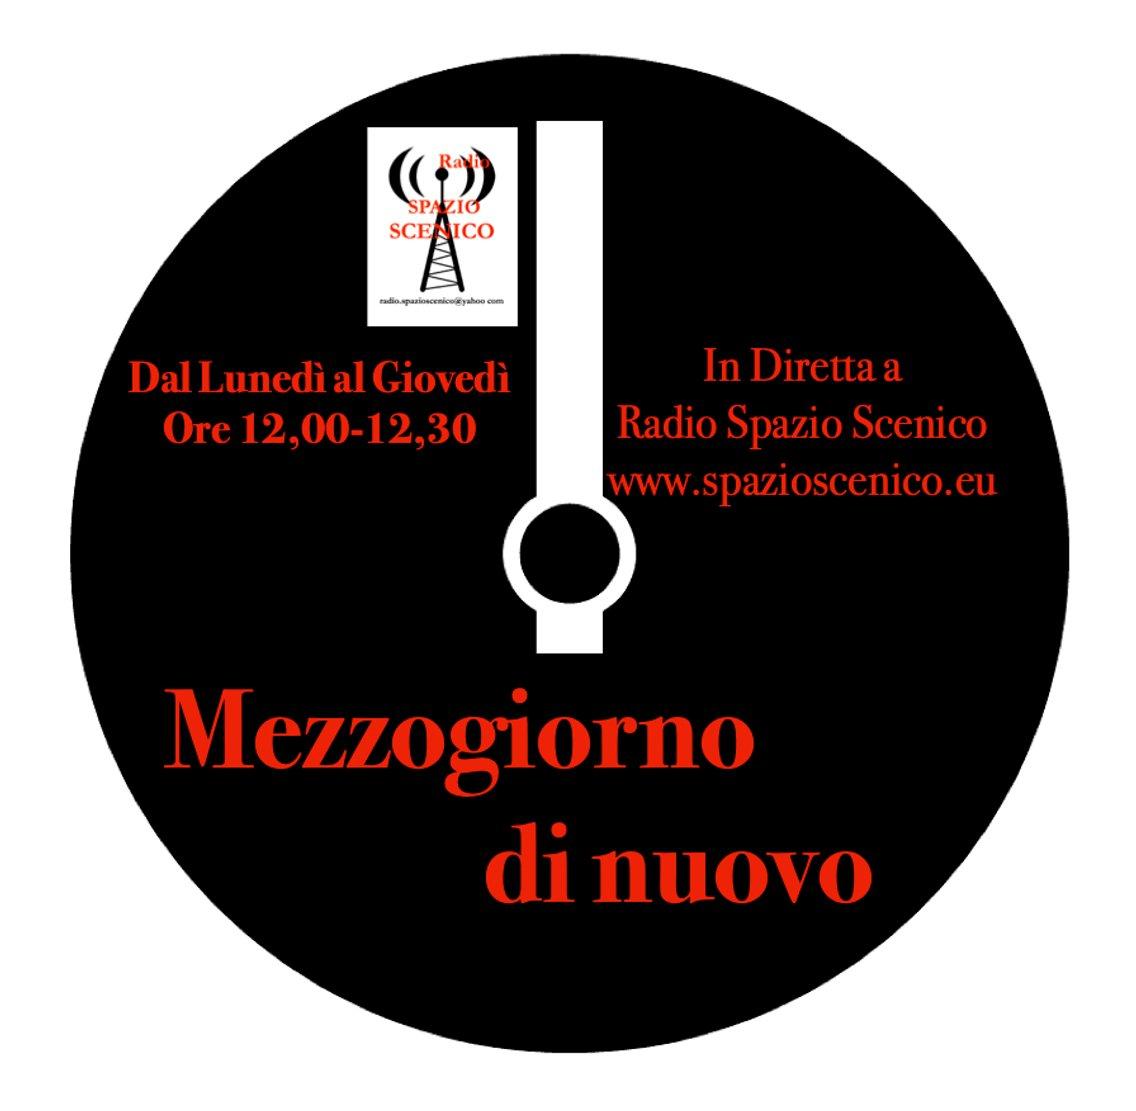 Mezzogiorno di Nuovo - Cover Image